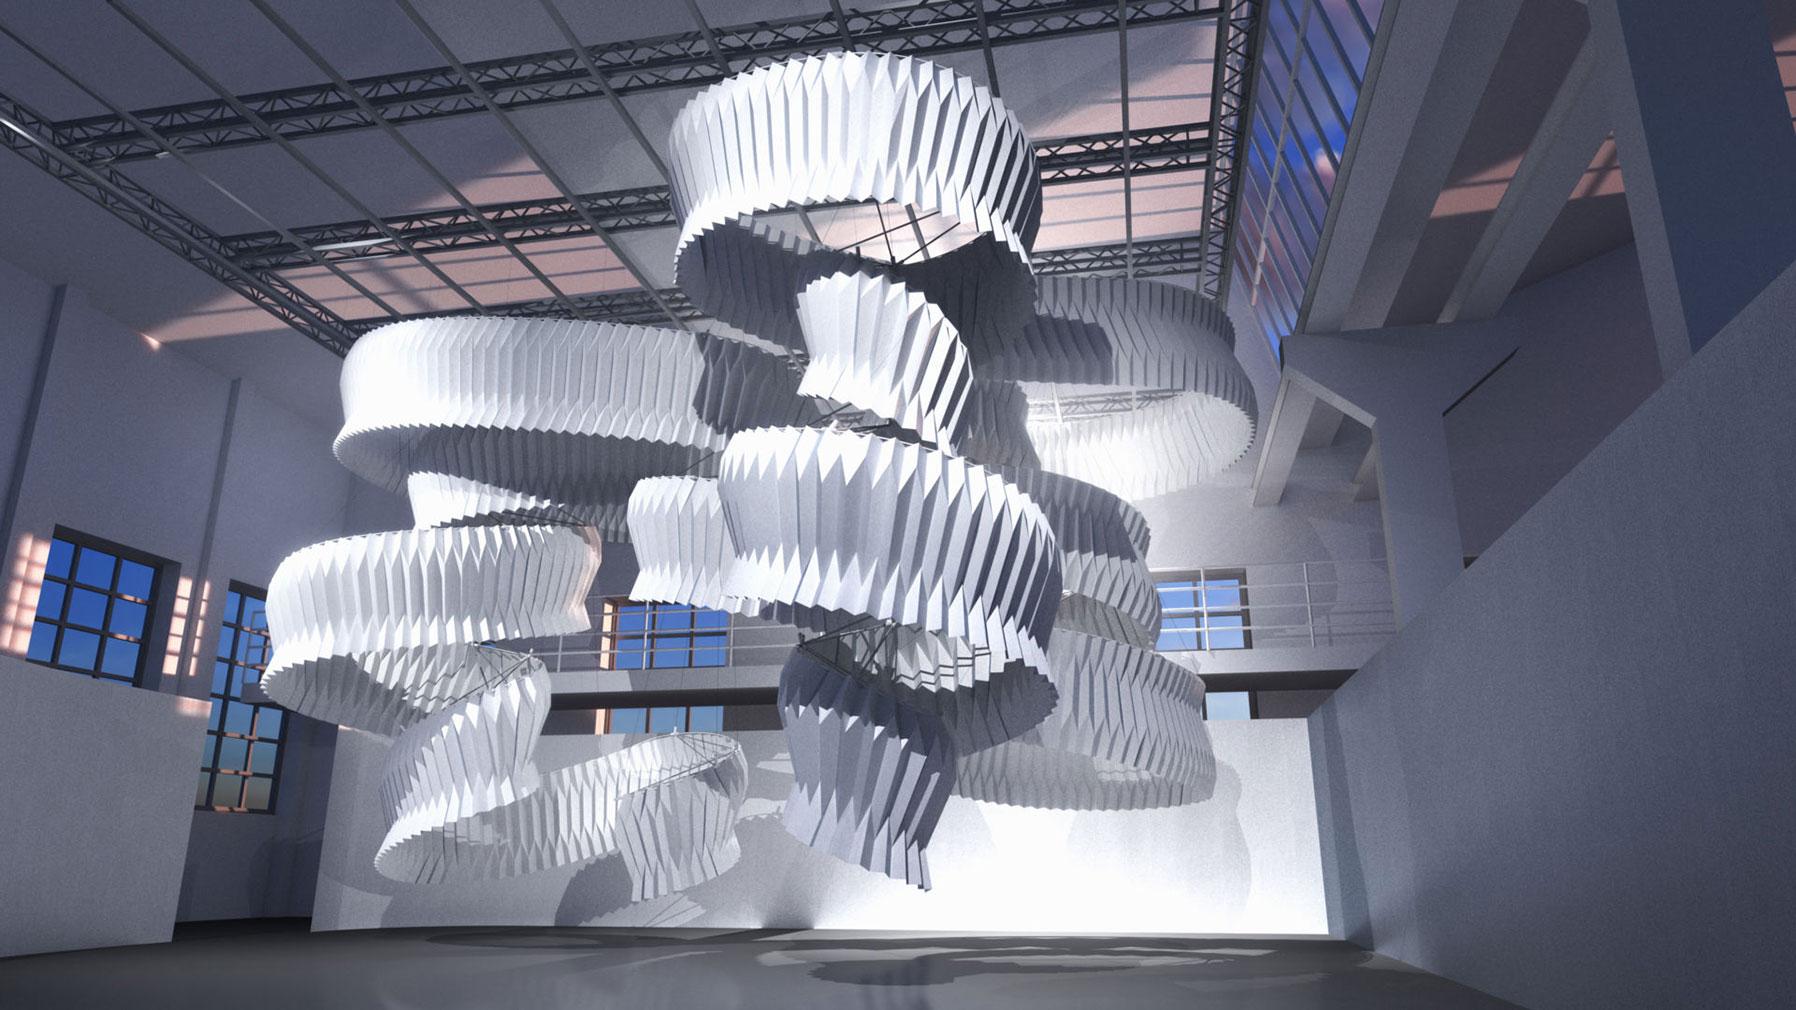 Kengo Kuma and Dassault Systemes' 'Breath/ng' installation at Milan Design Week